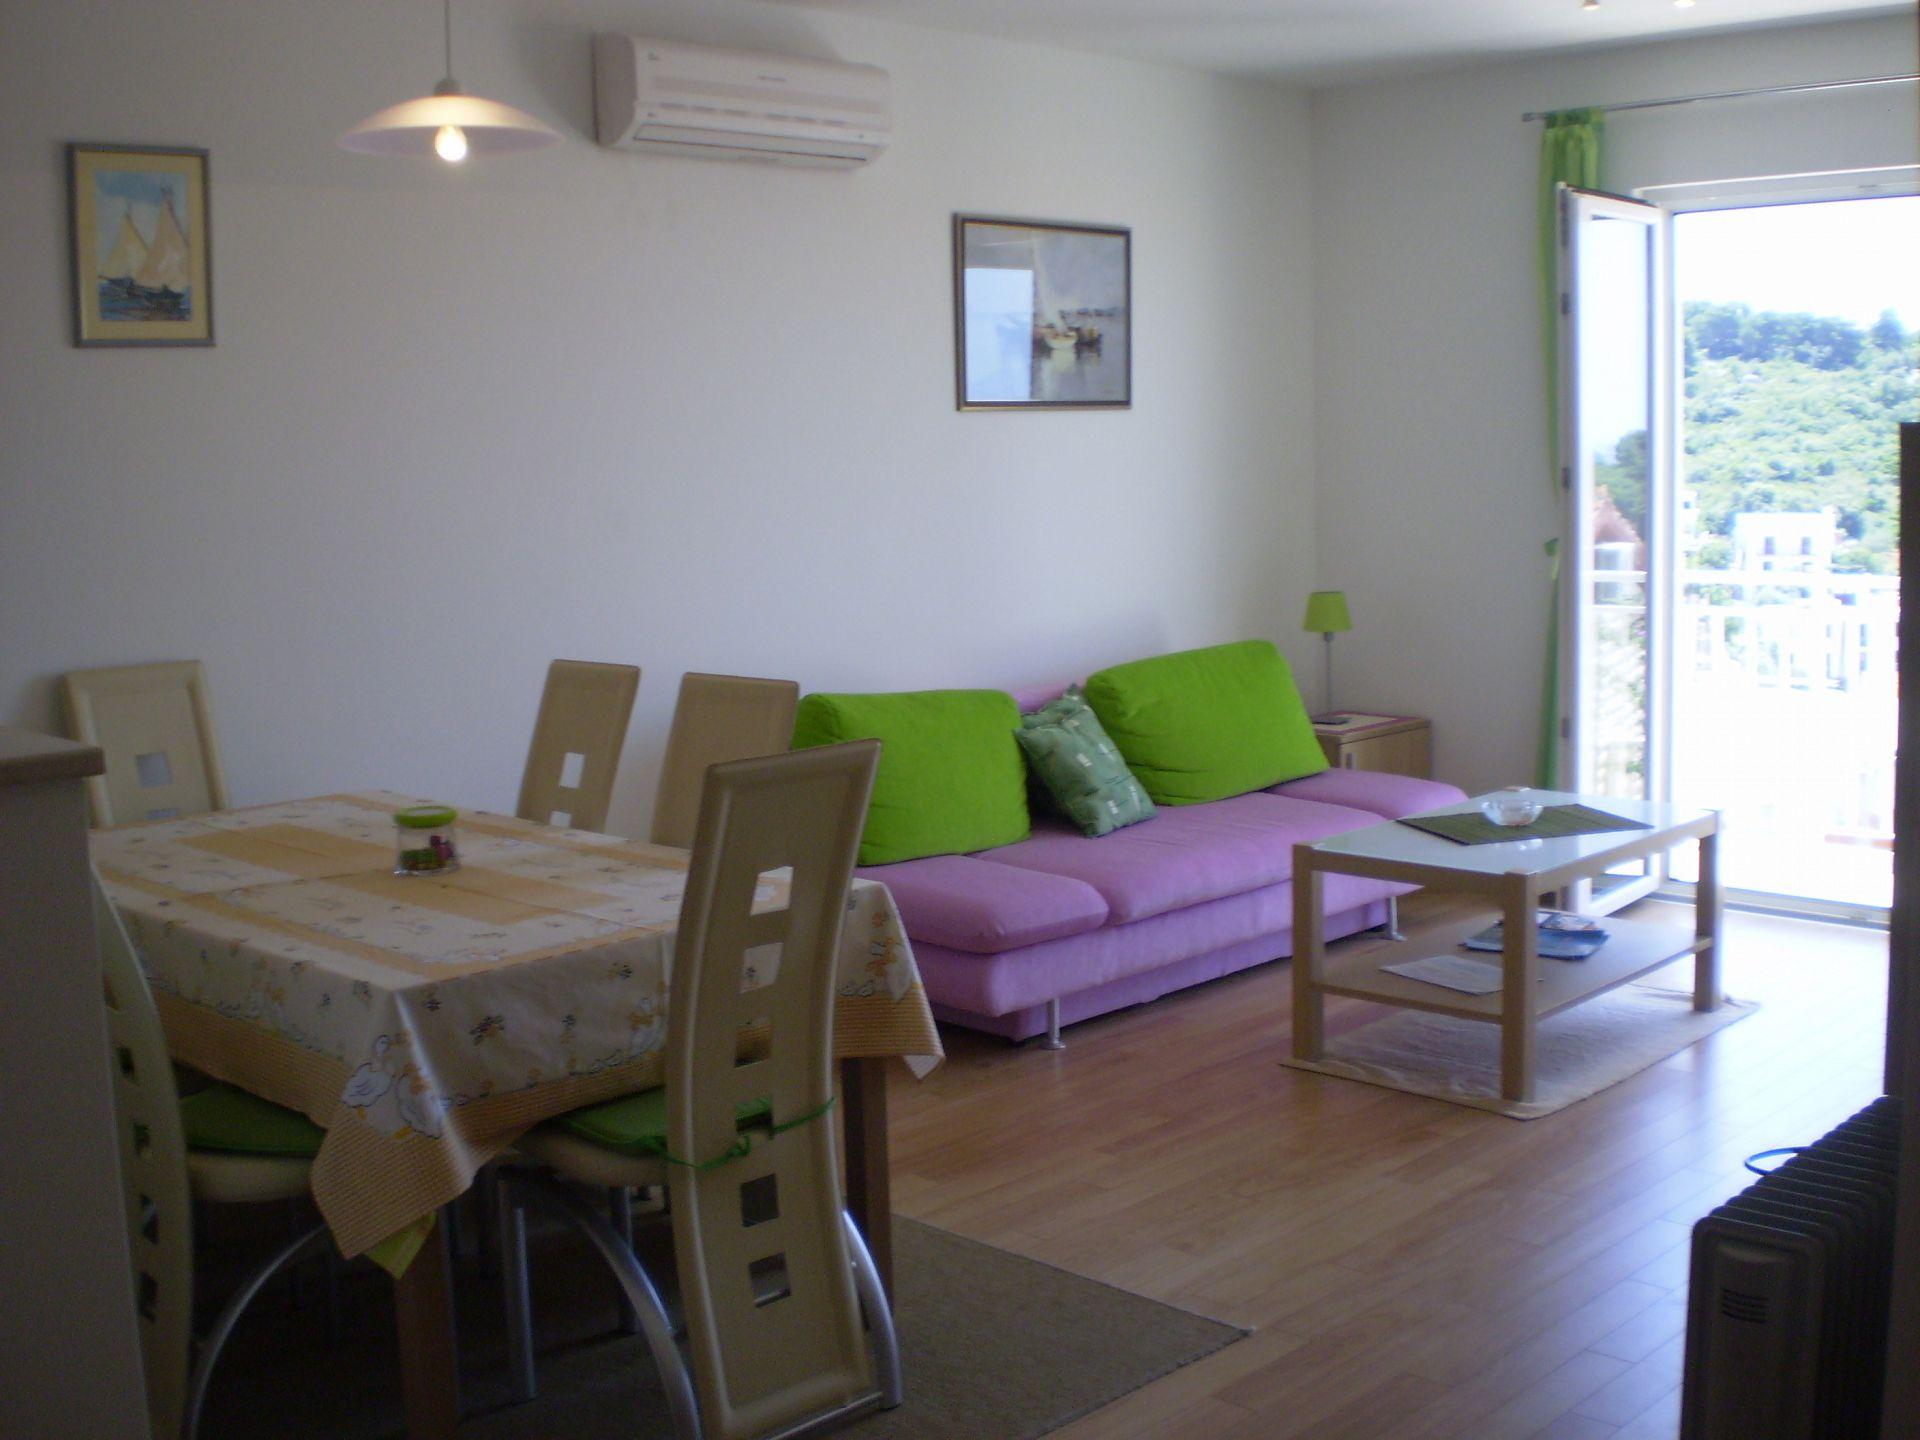 001HVAR - Hvar - Appartementen Kroatië - A1(4): woonkamer